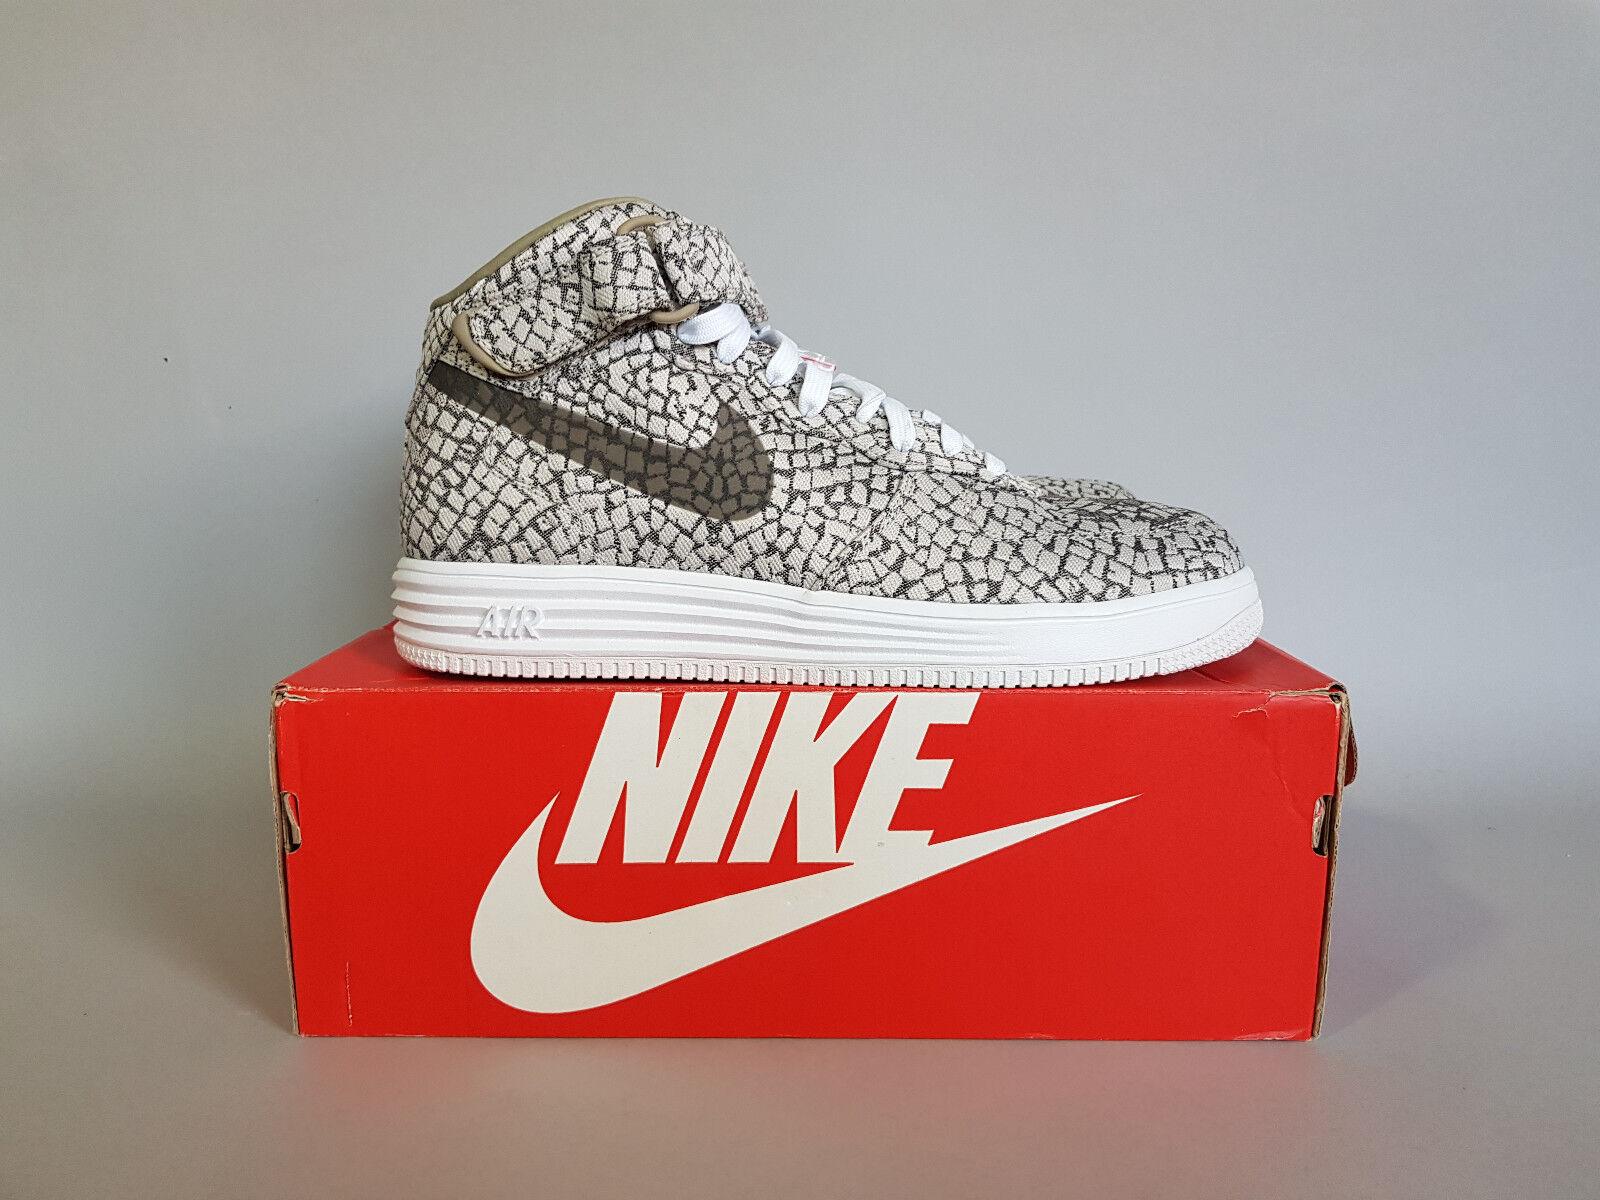 Nike lunar vigore 1 metà jcrd sp 1988 che fissa gli importi irn   uk10   us11   eu45 6932203 081 minerale | In Linea Outlet Store  | Uomini/Donne Scarpa